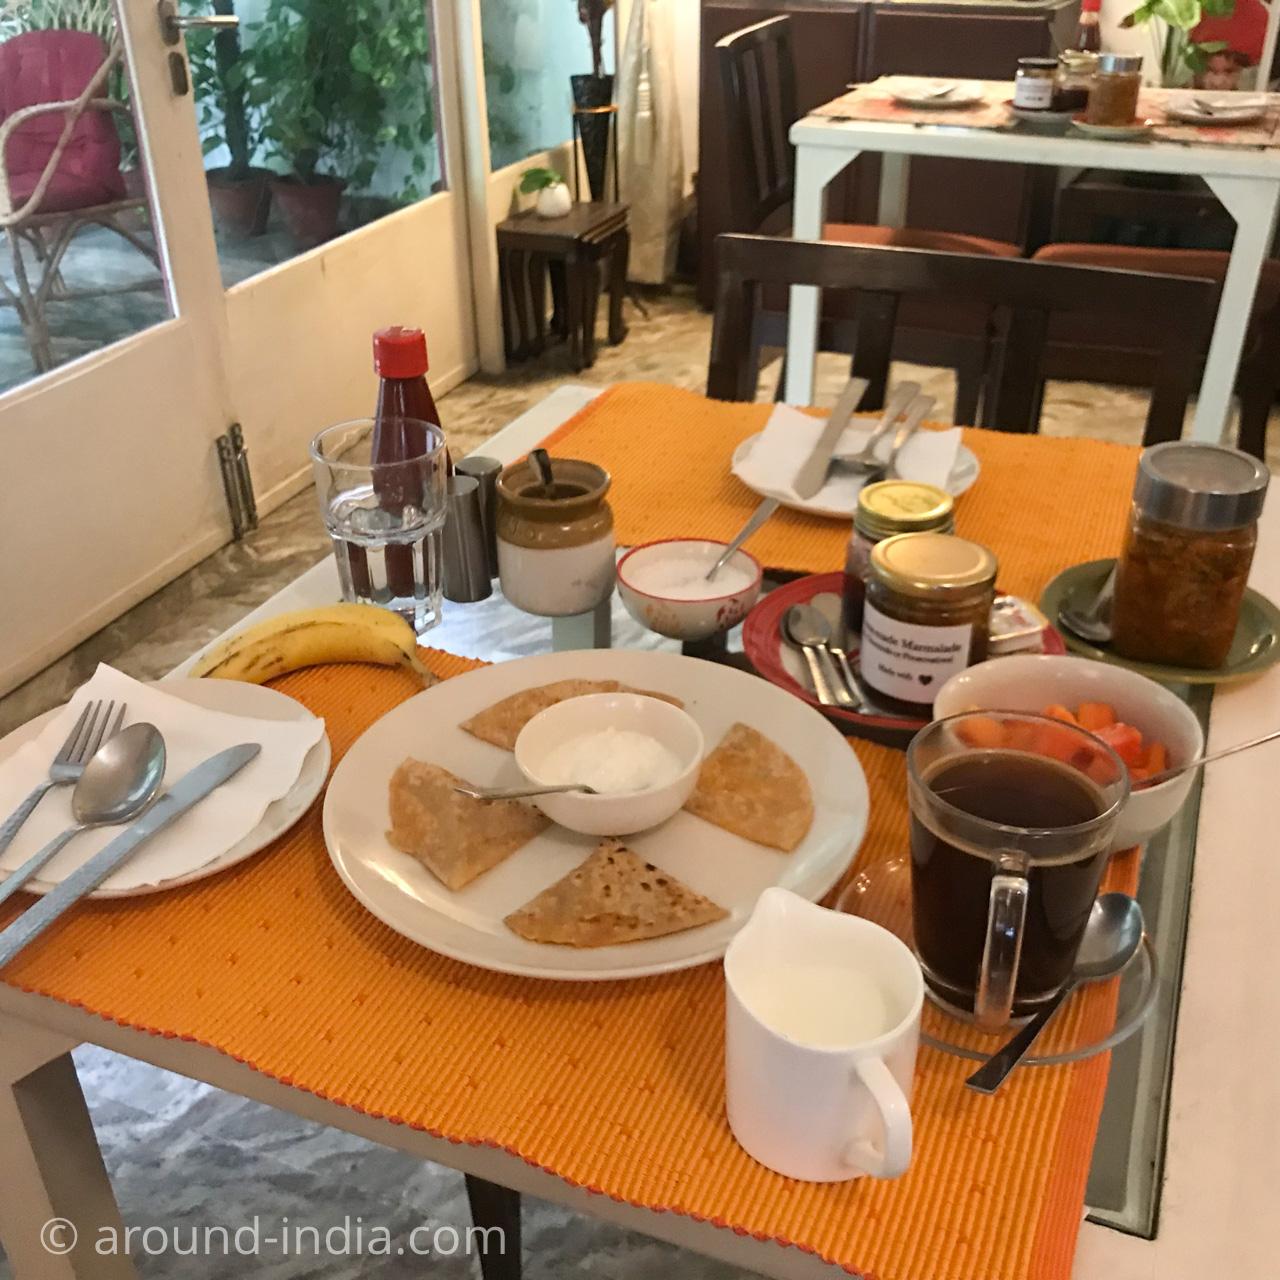 デリーのホテルHaveli Hauz Khasのインド朝ごはん